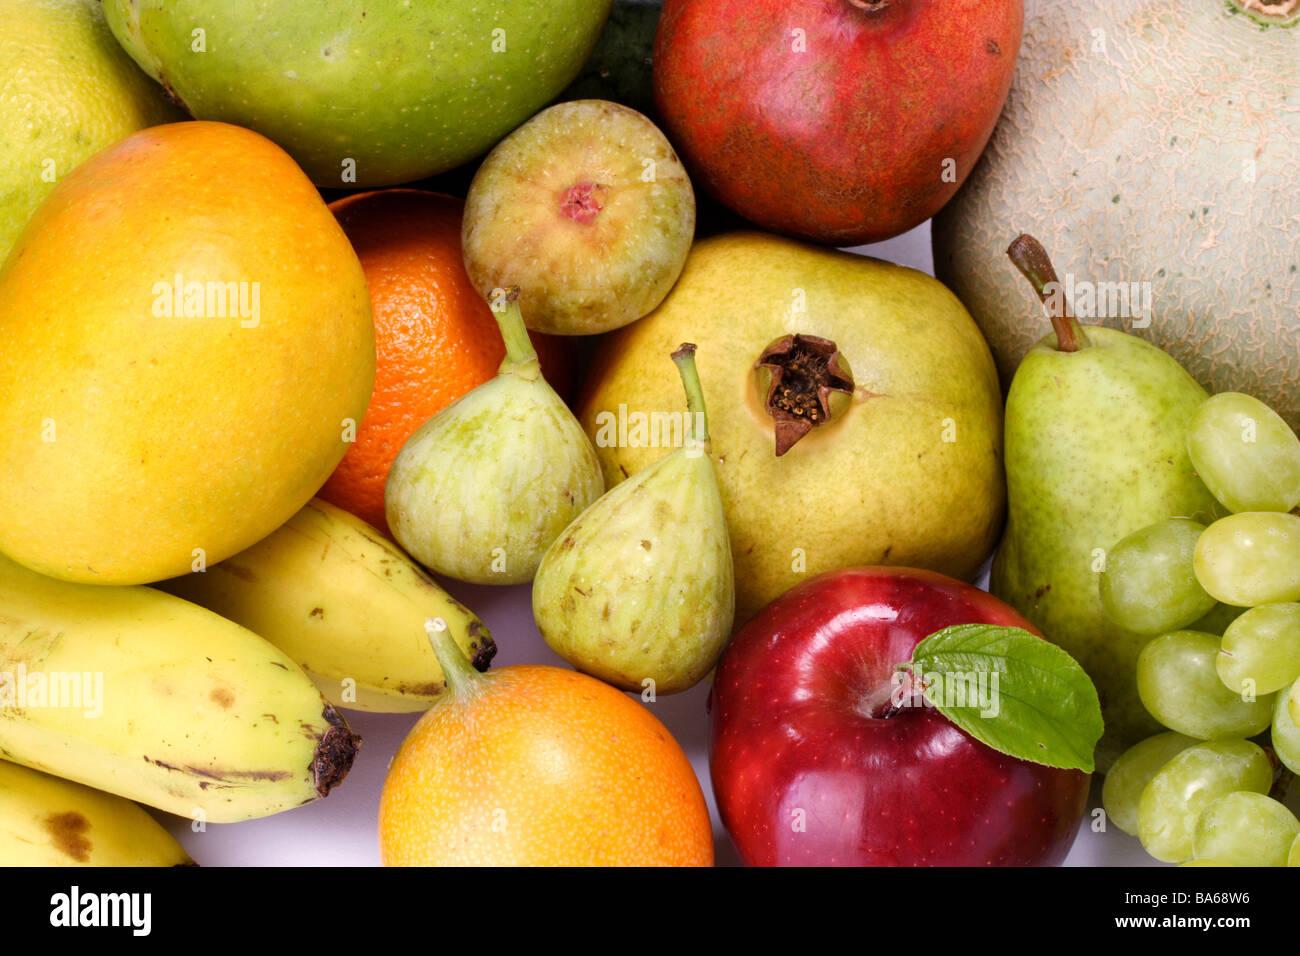 Frutta fresca per gli sfondi Immagini Stock